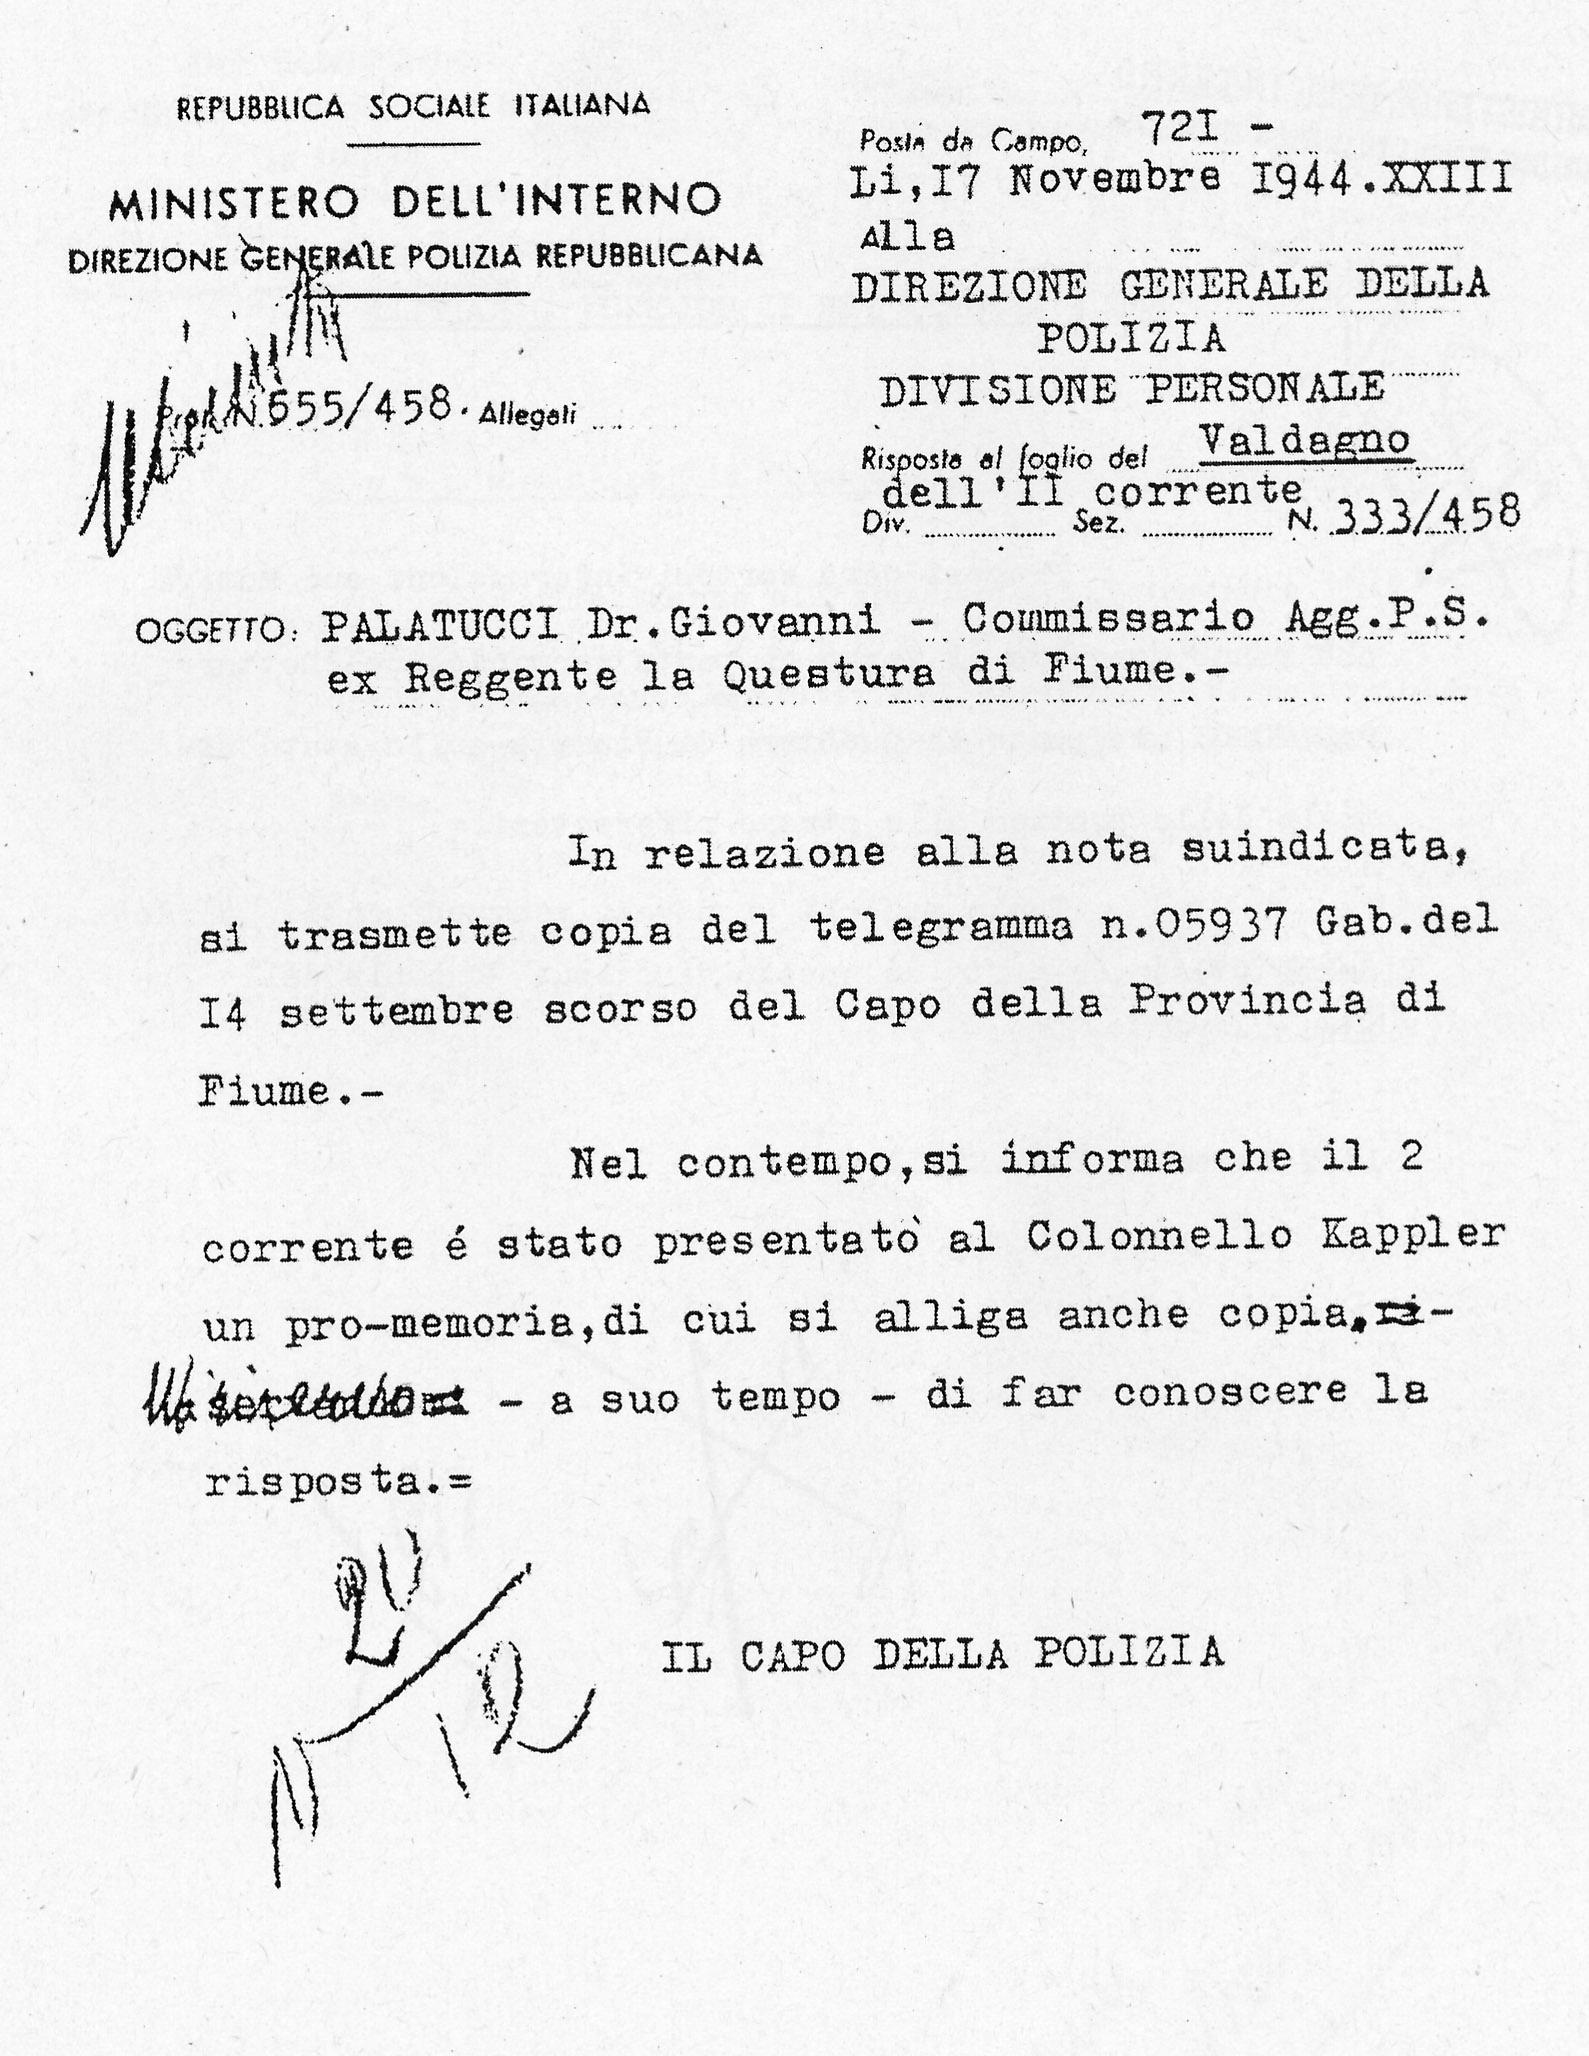 Telegramma sull'arresto di Giovanni Palatucci